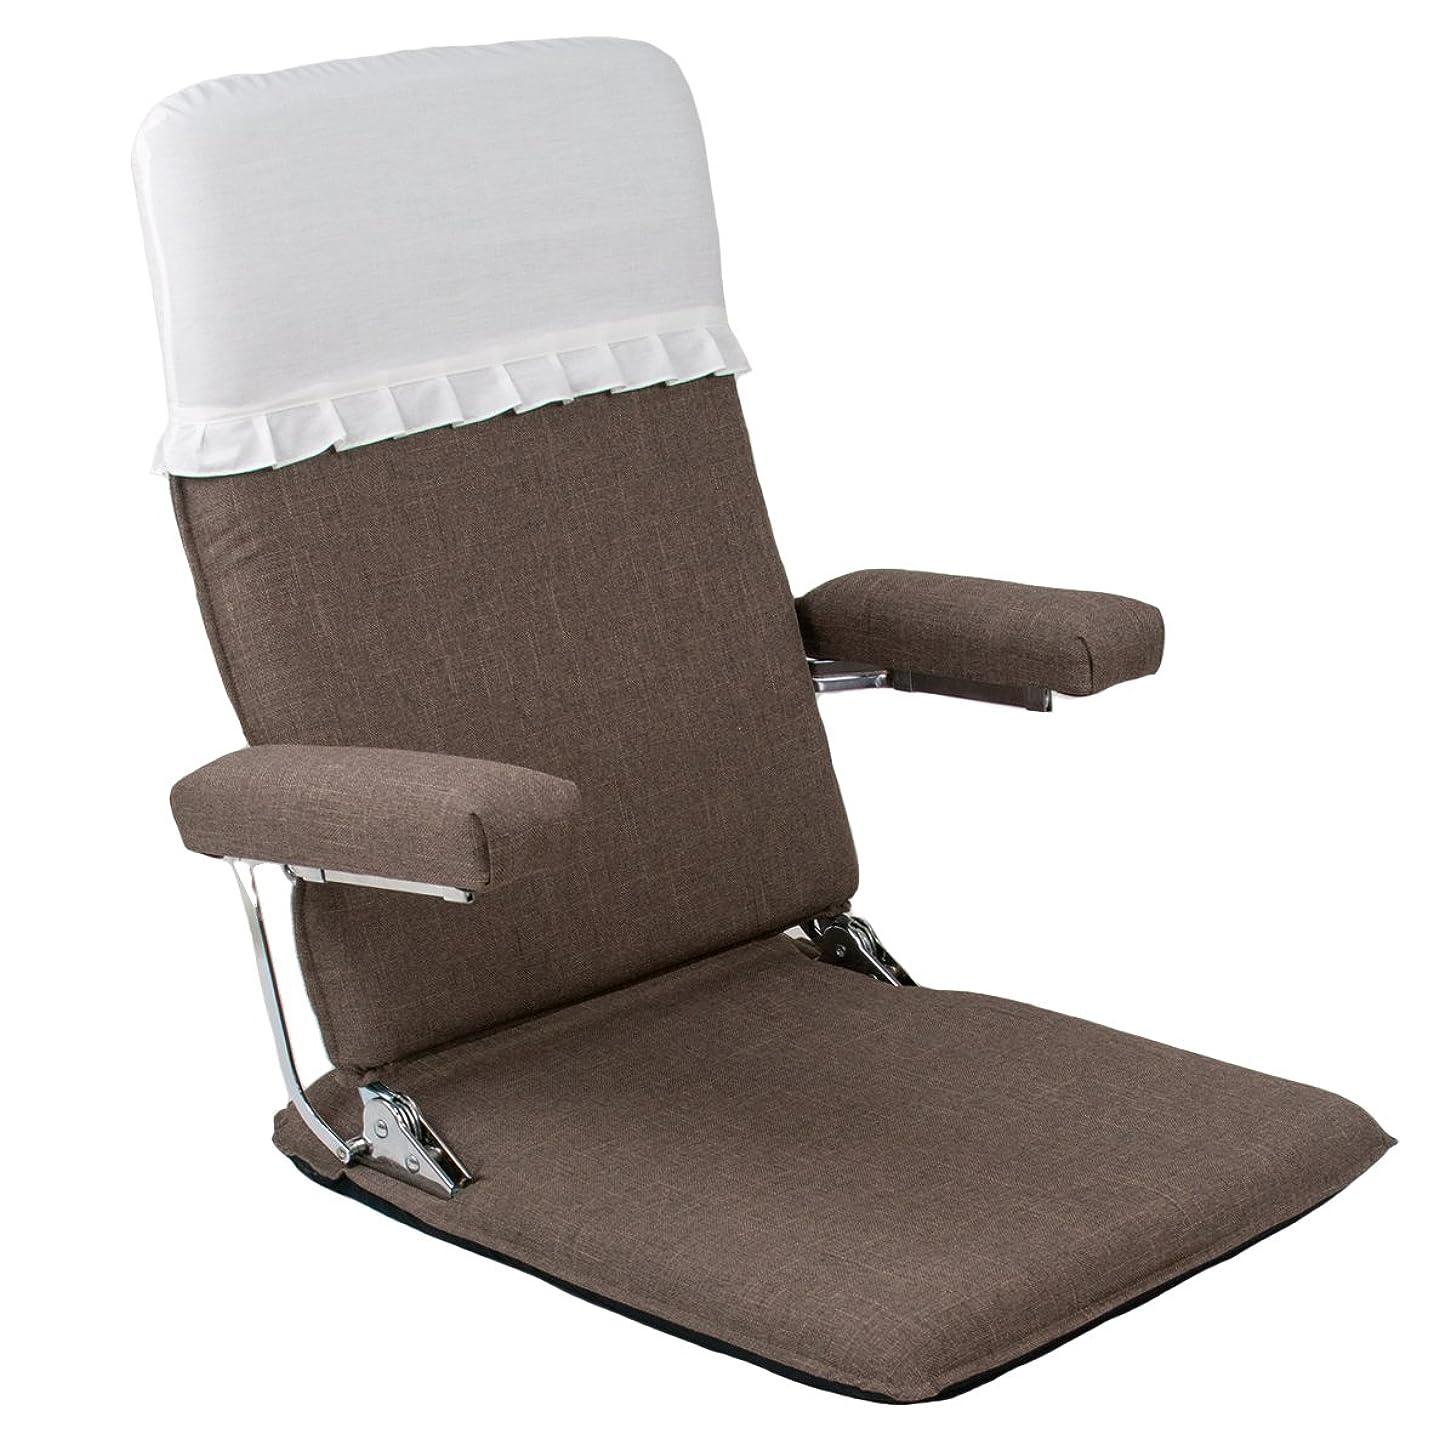 肉腫美しい晩餐和座椅子 お座敷座椅子肘掛付ハイバック(カバー付) CBC313 ブラウン 日本製 ymz-154